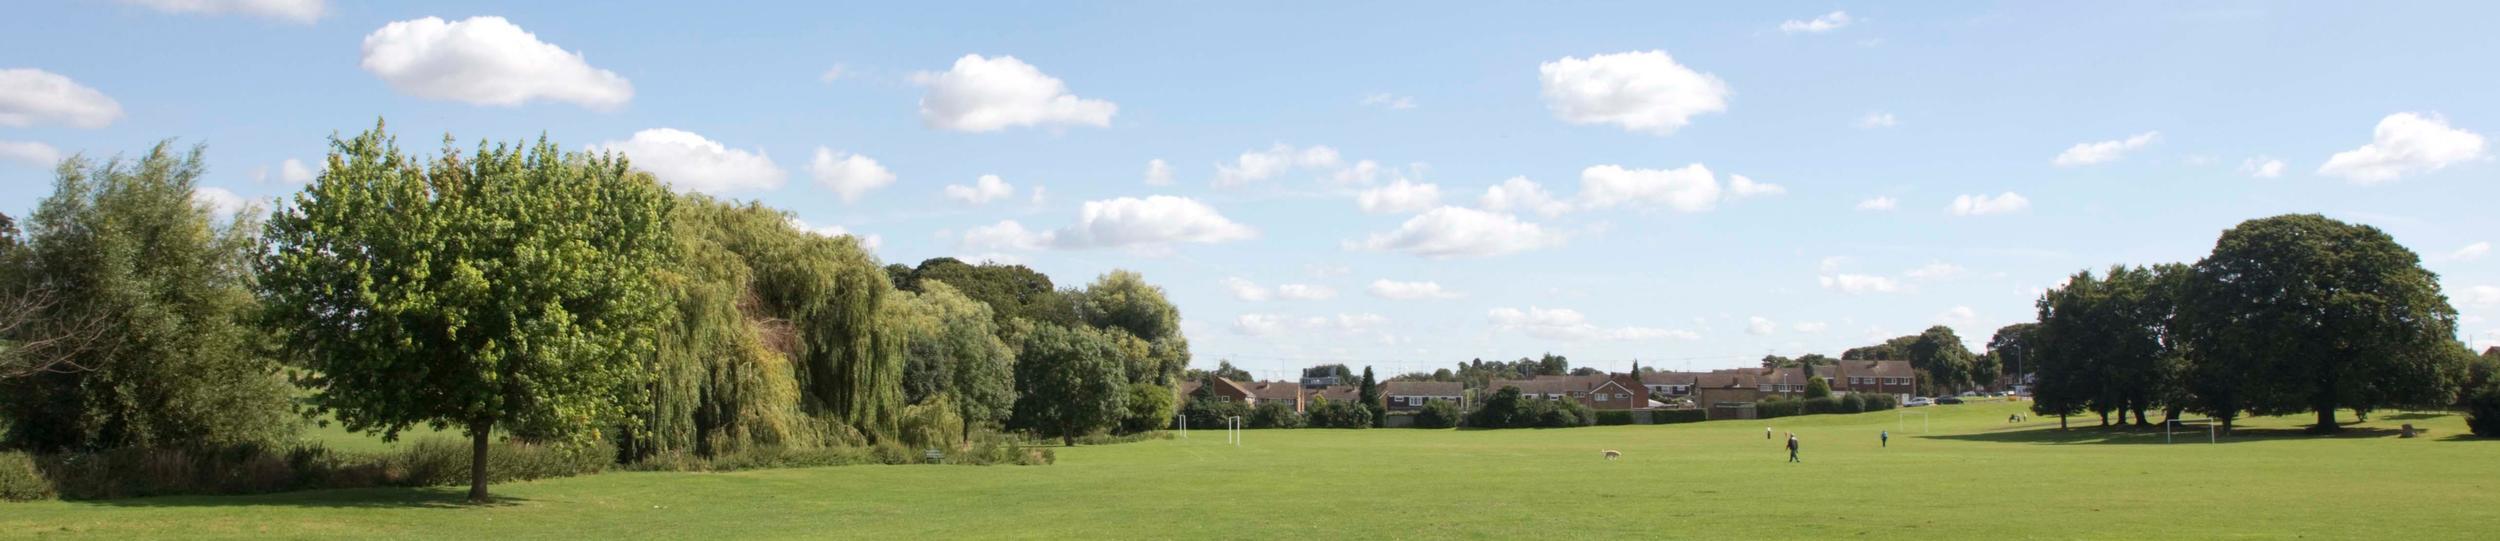 Lewsey Park-03.jpg